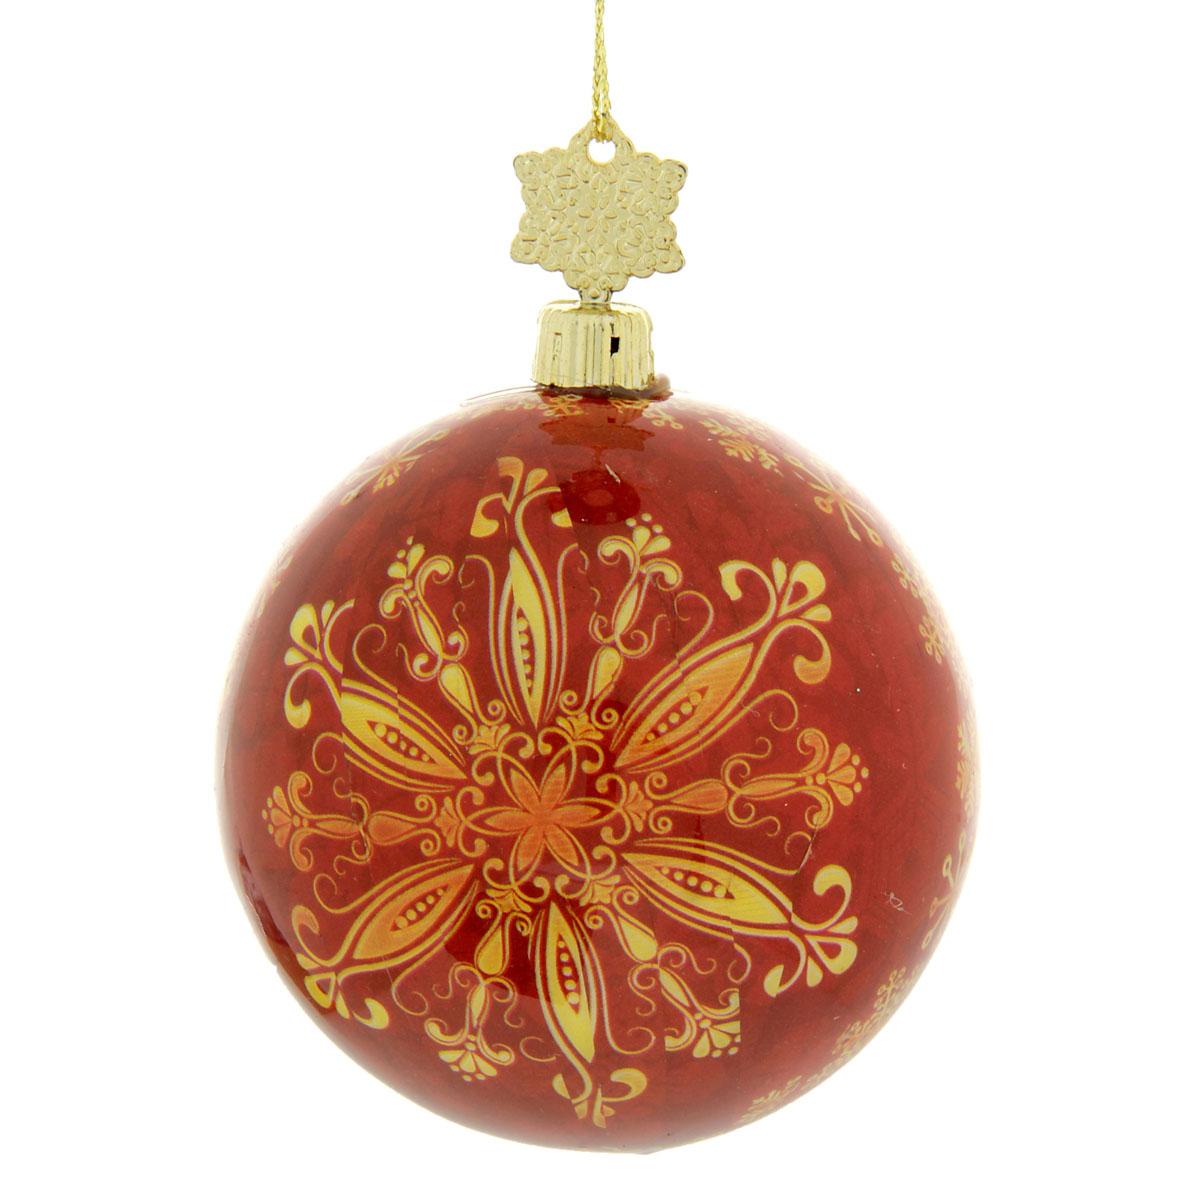 Новогоднее подвесное украшение Sima-land Шар, диаметр 8 см. 279339279339Новогоднее подвесное украшение Sima-land выполнено из высококачественного пенопласта в форме шара и покрыто цветной пленкой. Шар декорирован новогодним рисунком. С помощью специальной петельки украшение можно повесить в любом понравившемся вам месте. Но, конечно, удачнее всего такой набор будет смотреться на праздничной елке.Елочная игрушка - символ Нового года. Она несет в себе волшебство и красоту праздника. Создайте в своем доме атмосферу веселья и радости, украшая новогоднюю елку нарядными игрушками, которые будут из года в год накапливать теплоту воспоминаний. Материал: пенопласт, пленка, текстиль.